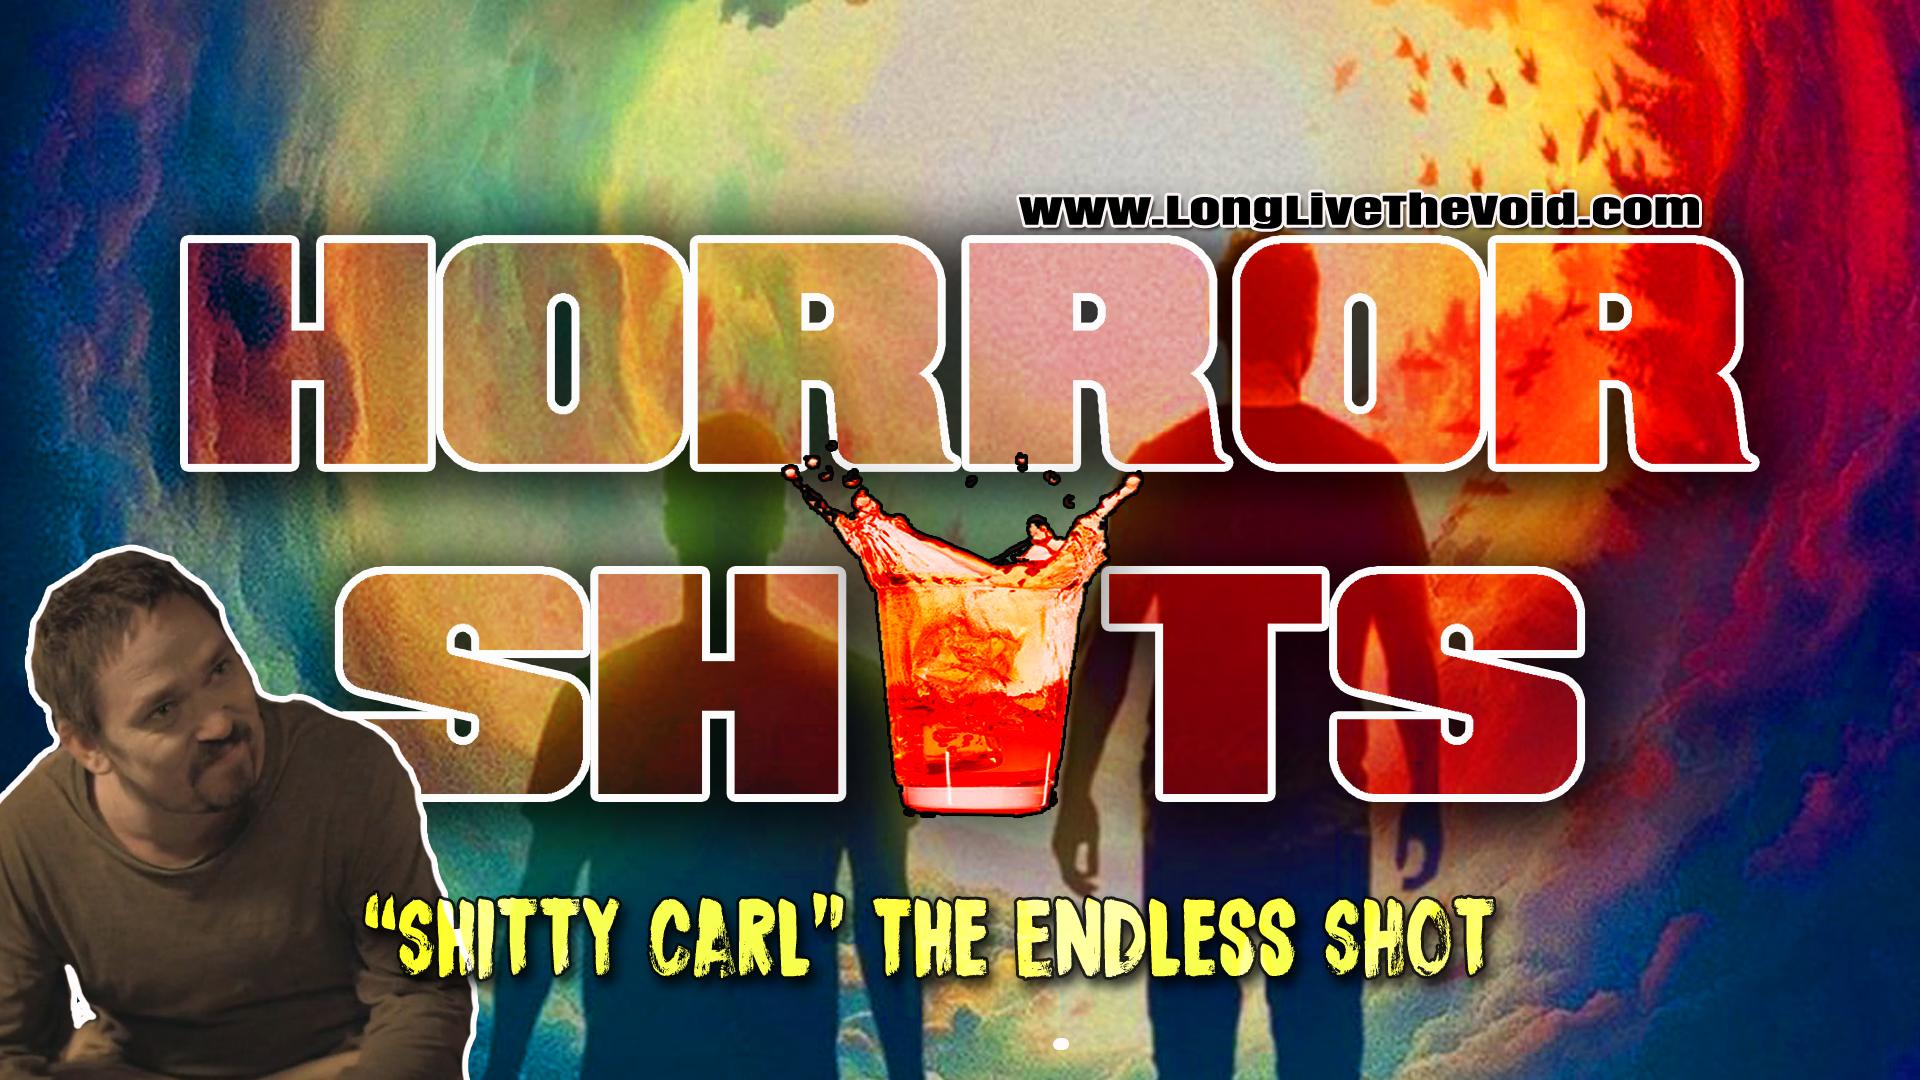 Shitty-Carl-SHOT.jpg